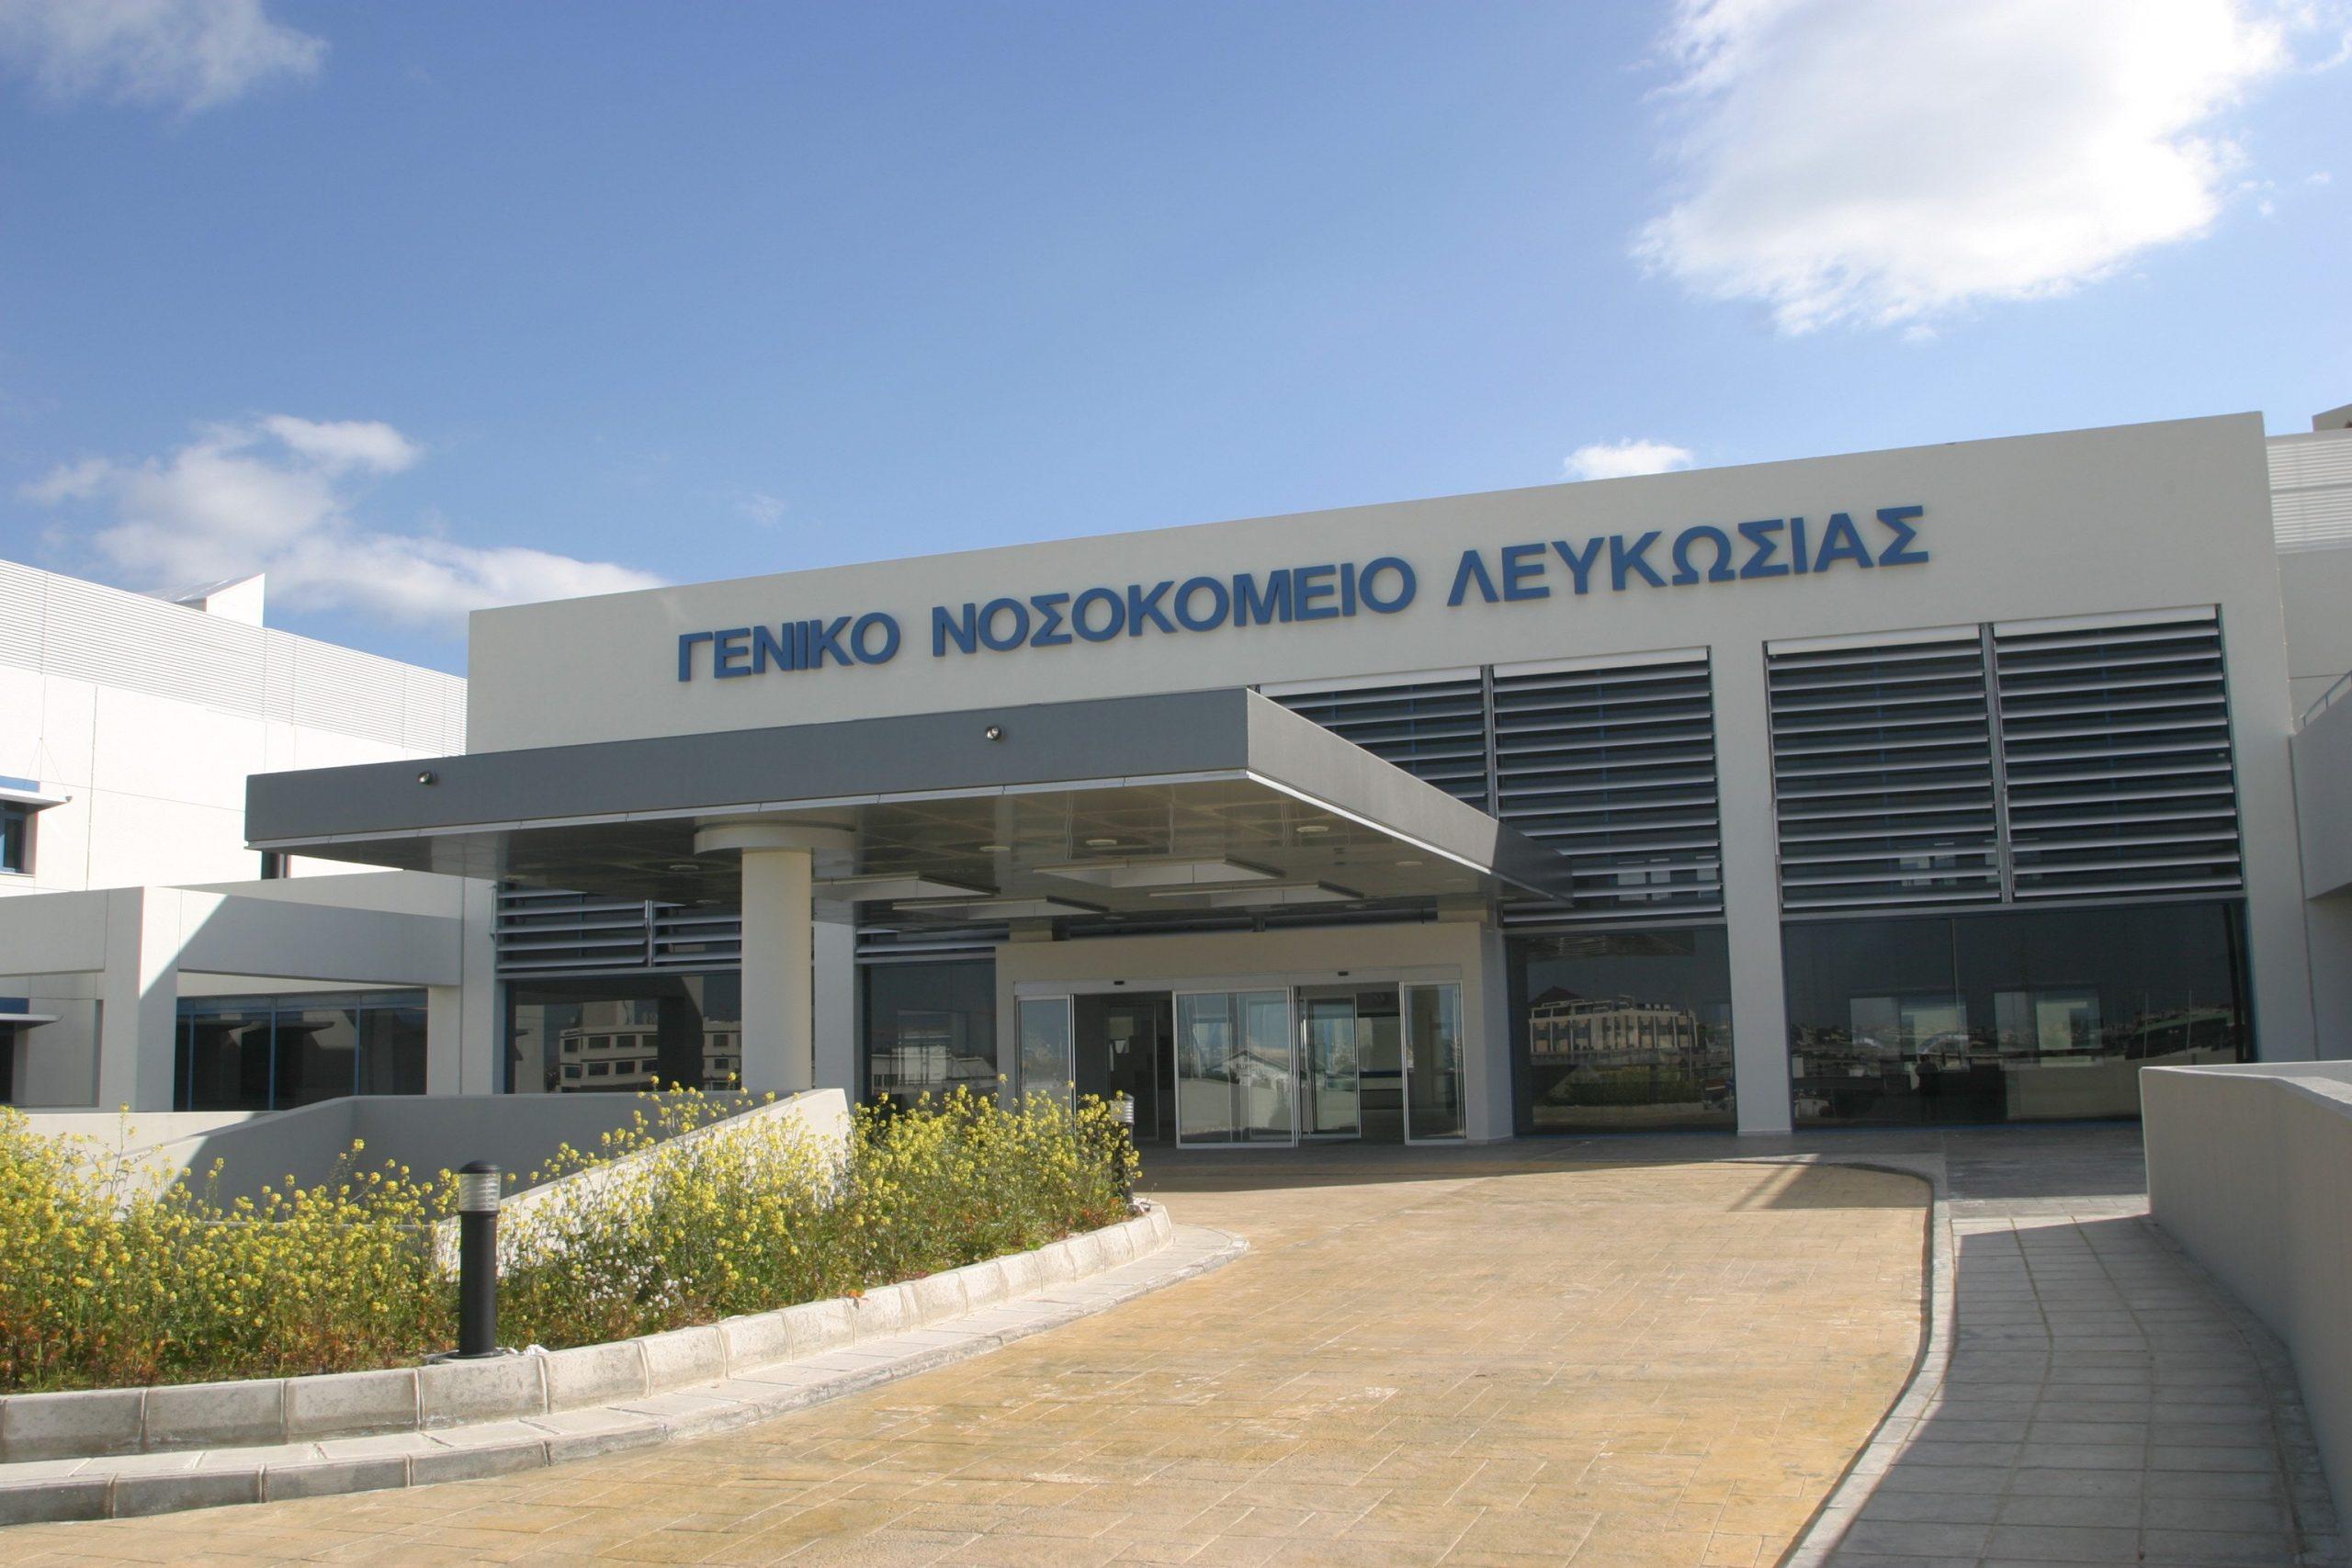 Σε καραντίνα η Ορθοπεδική Κλινική του Γενικού Νοσοκομείου Λευκωσίας